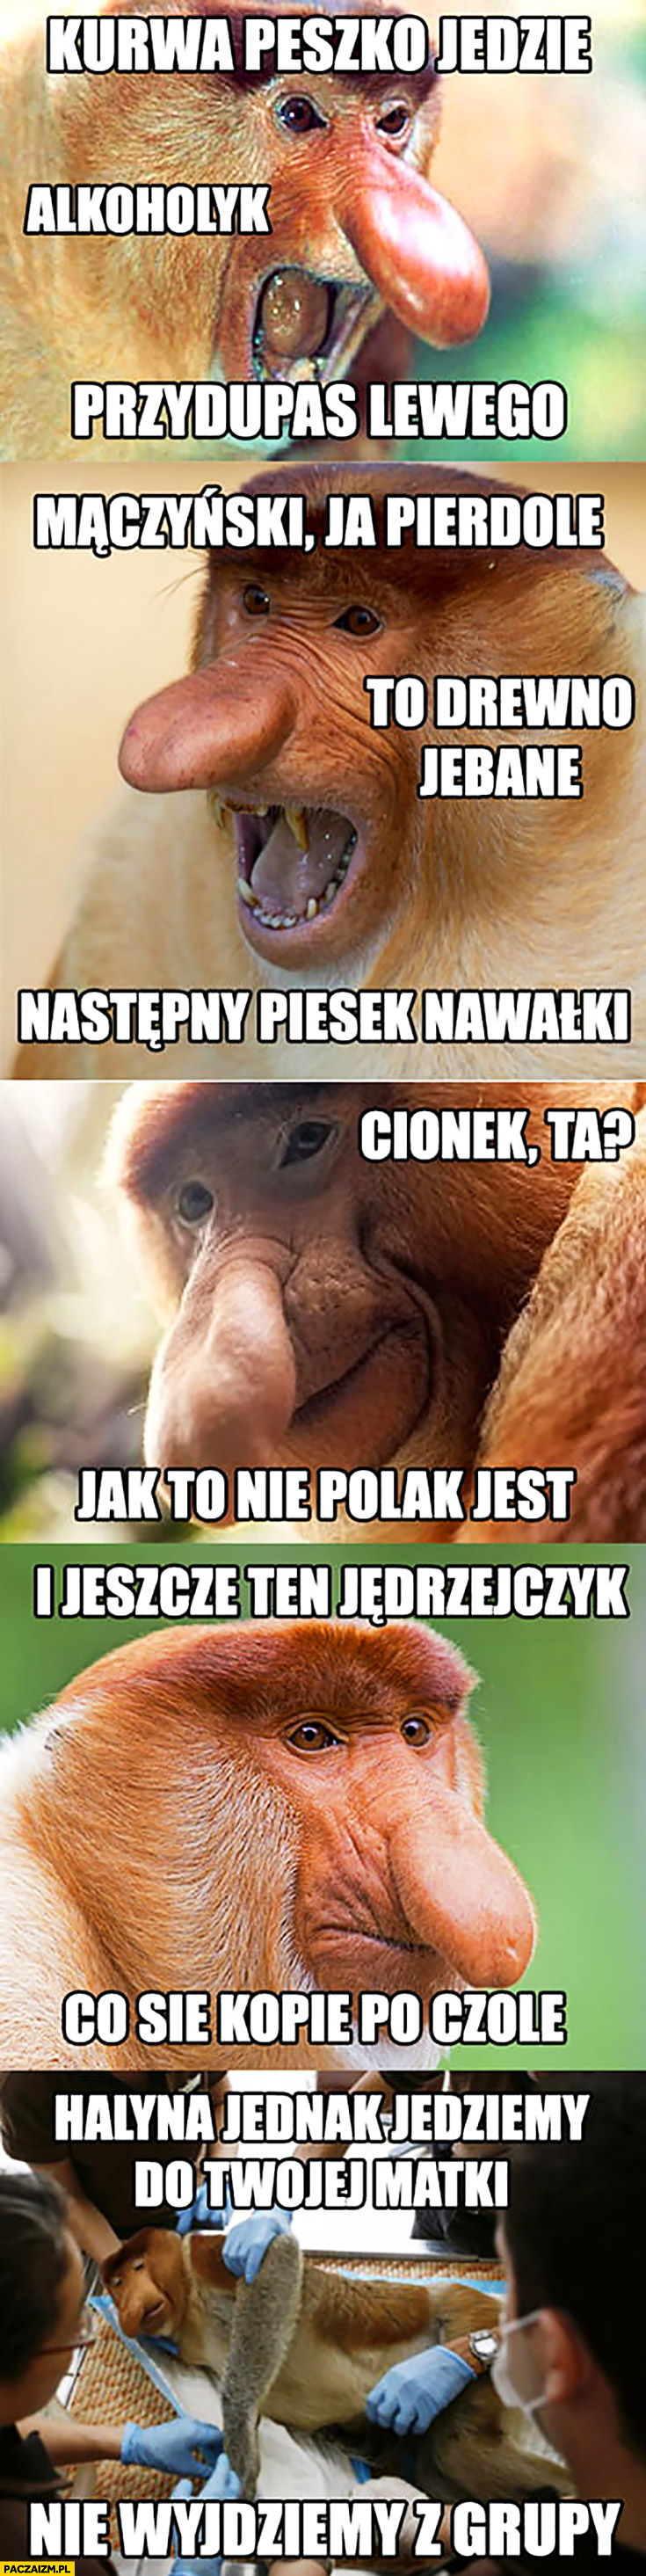 Peszko alkoholik przydupas Lewego, Mączyński drewno następny piesek Nawałki, Cionek to nie Polak jest, Jędrzejczyk co się kopie po czole typowy Polak nosacz małpa o reprezentacji